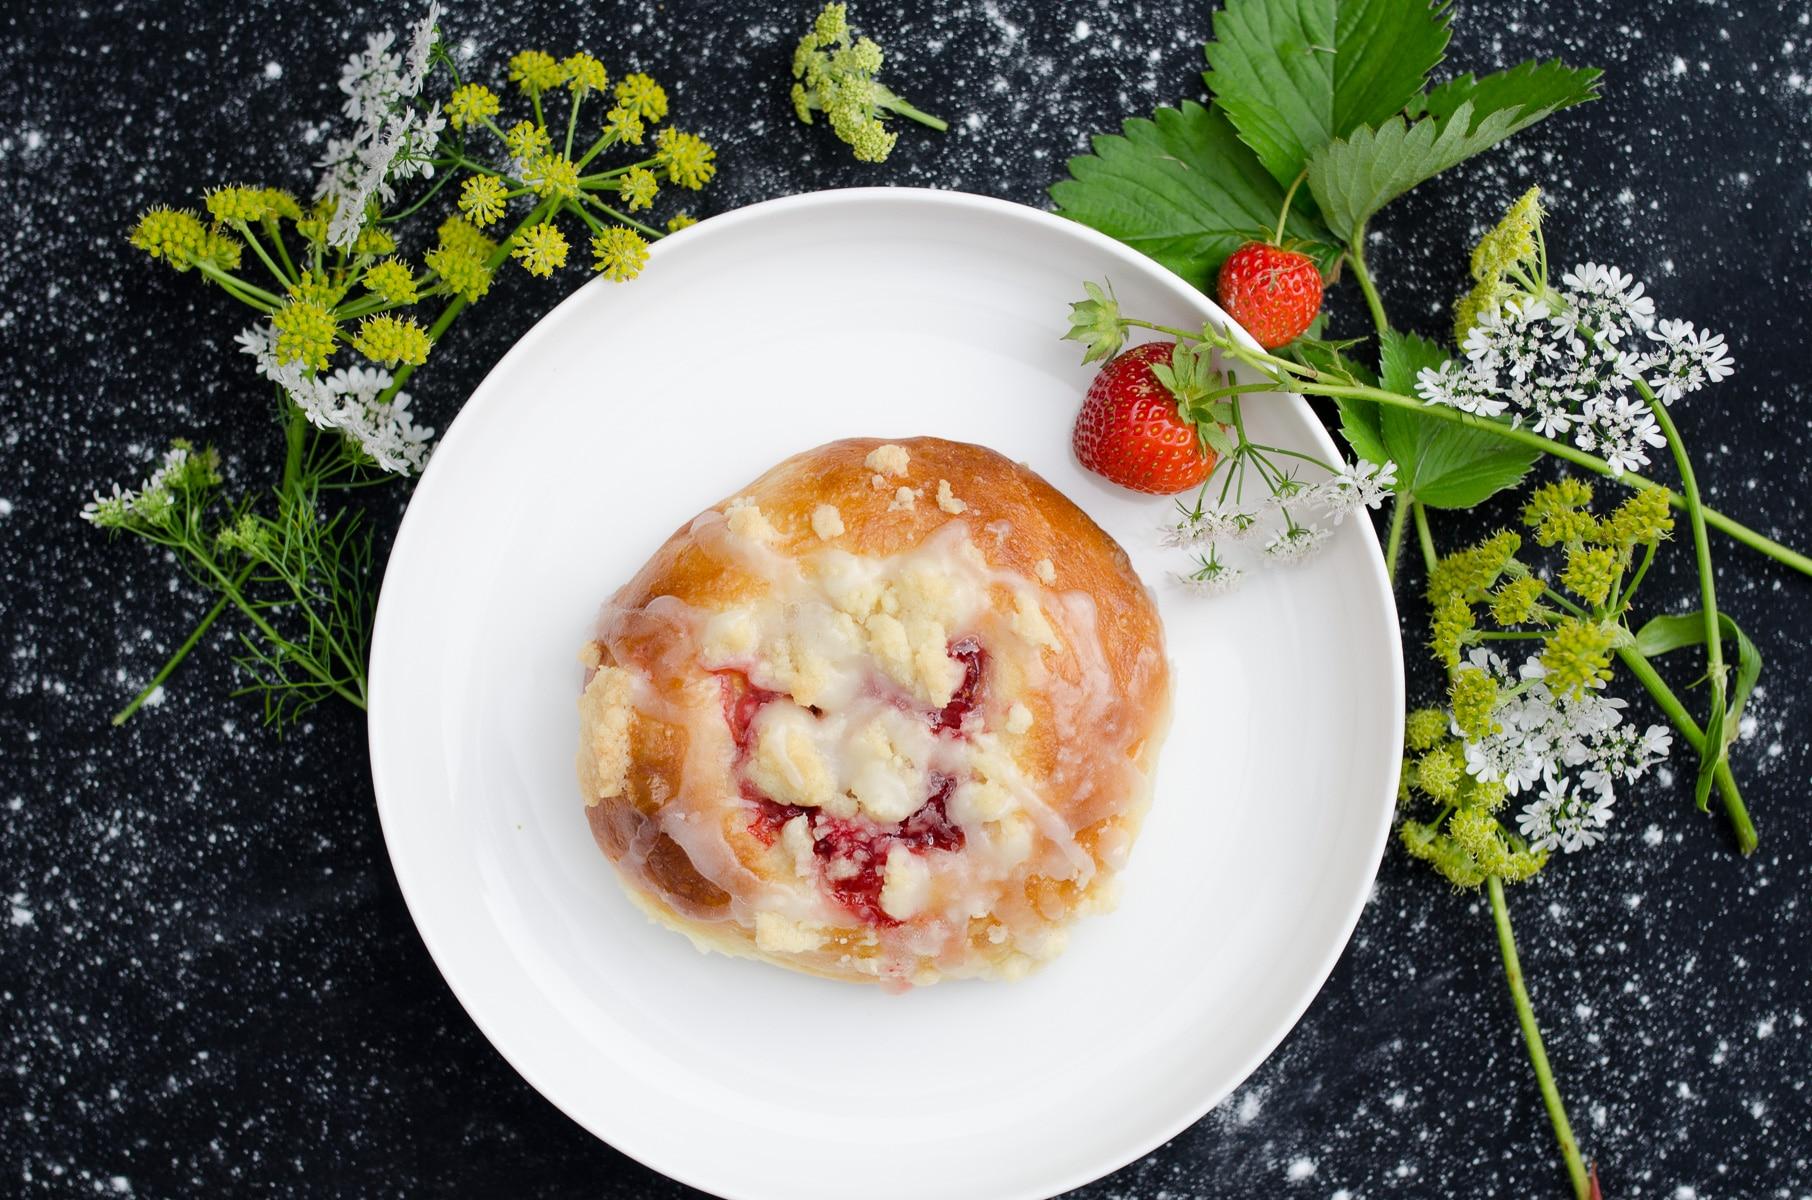 Rumiana drożdżówka z truskawkami, kruszonką i lukrem na białym talerzu ułożona na czarnym obrusie udekorowanym kwiatami polnymi i truskawkami.